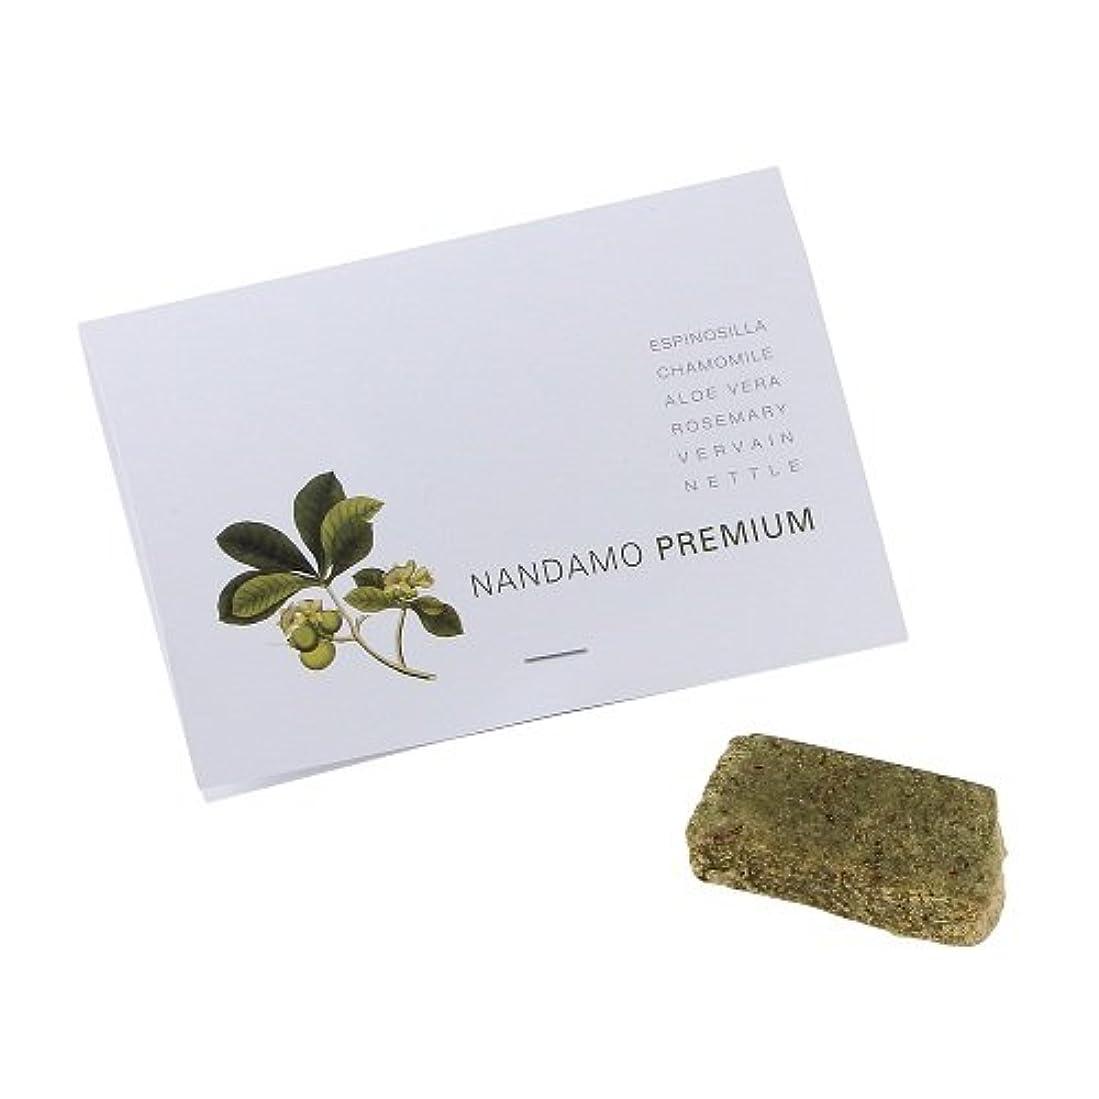 薬剤師トチの実の木シットコムNANDAMO PREMIUM(ナンダモプレミアム)ナンダモプレミアム12.5g